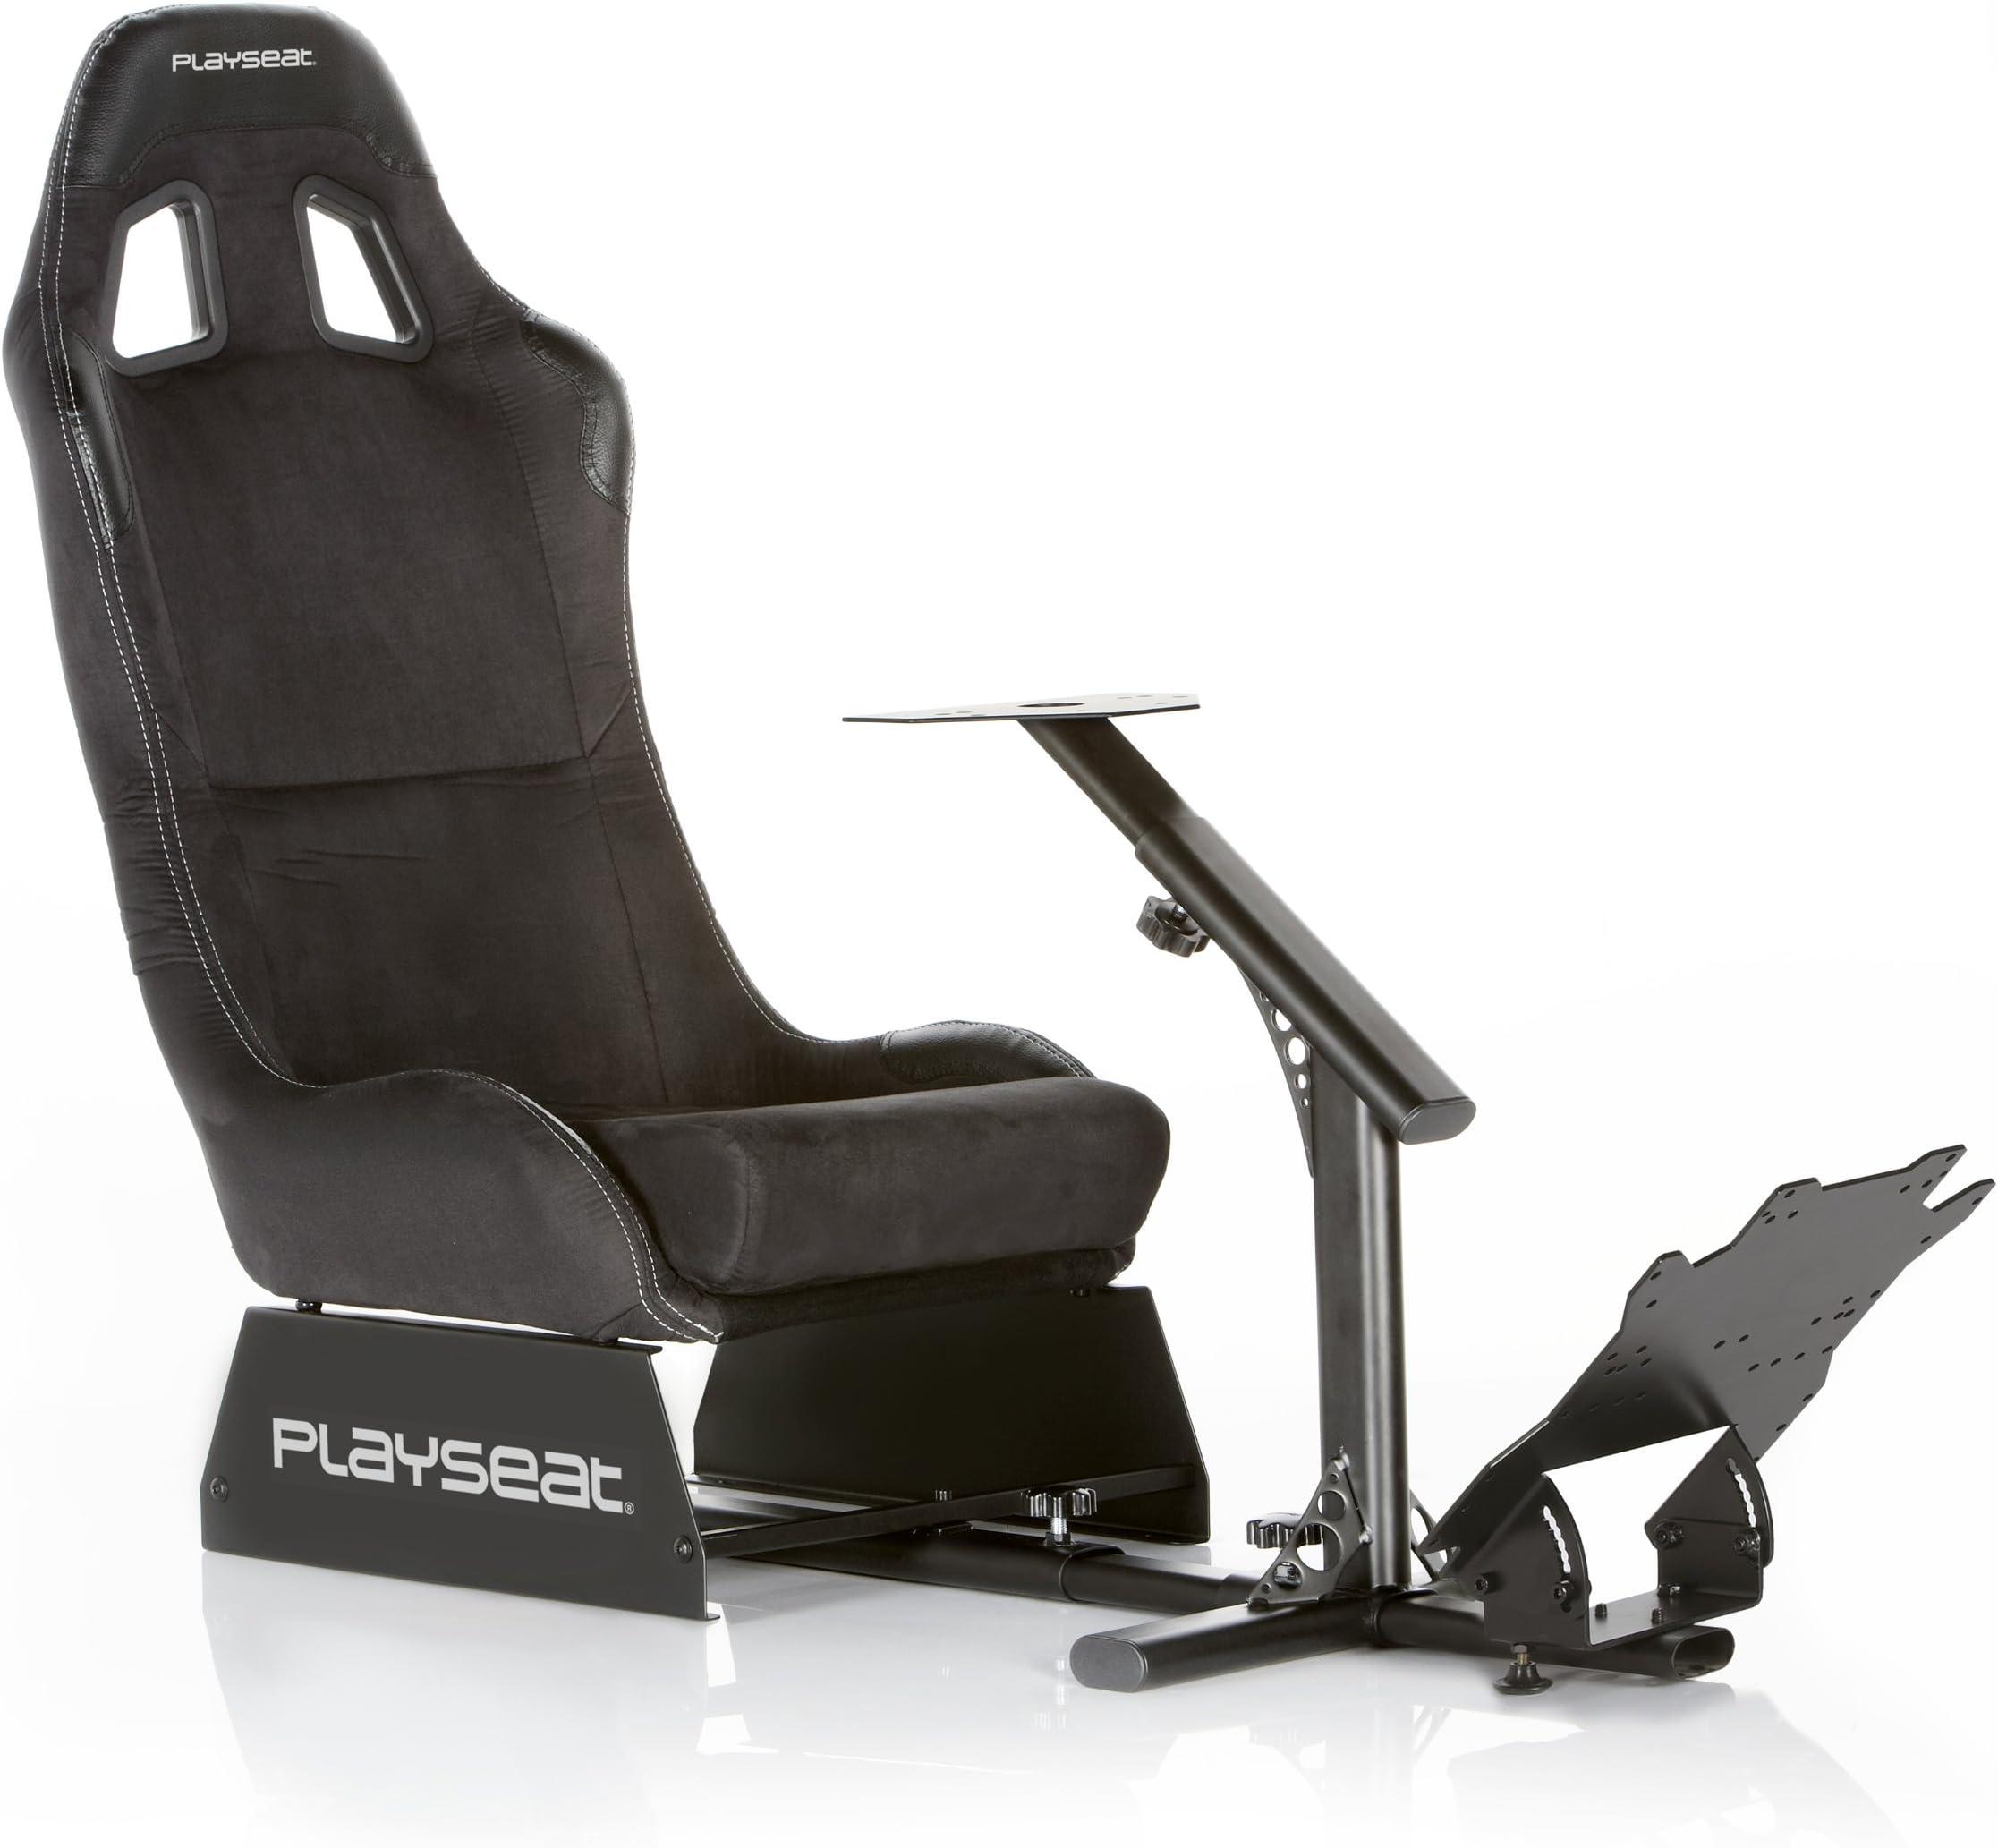 PlaySeat Gaming Seat